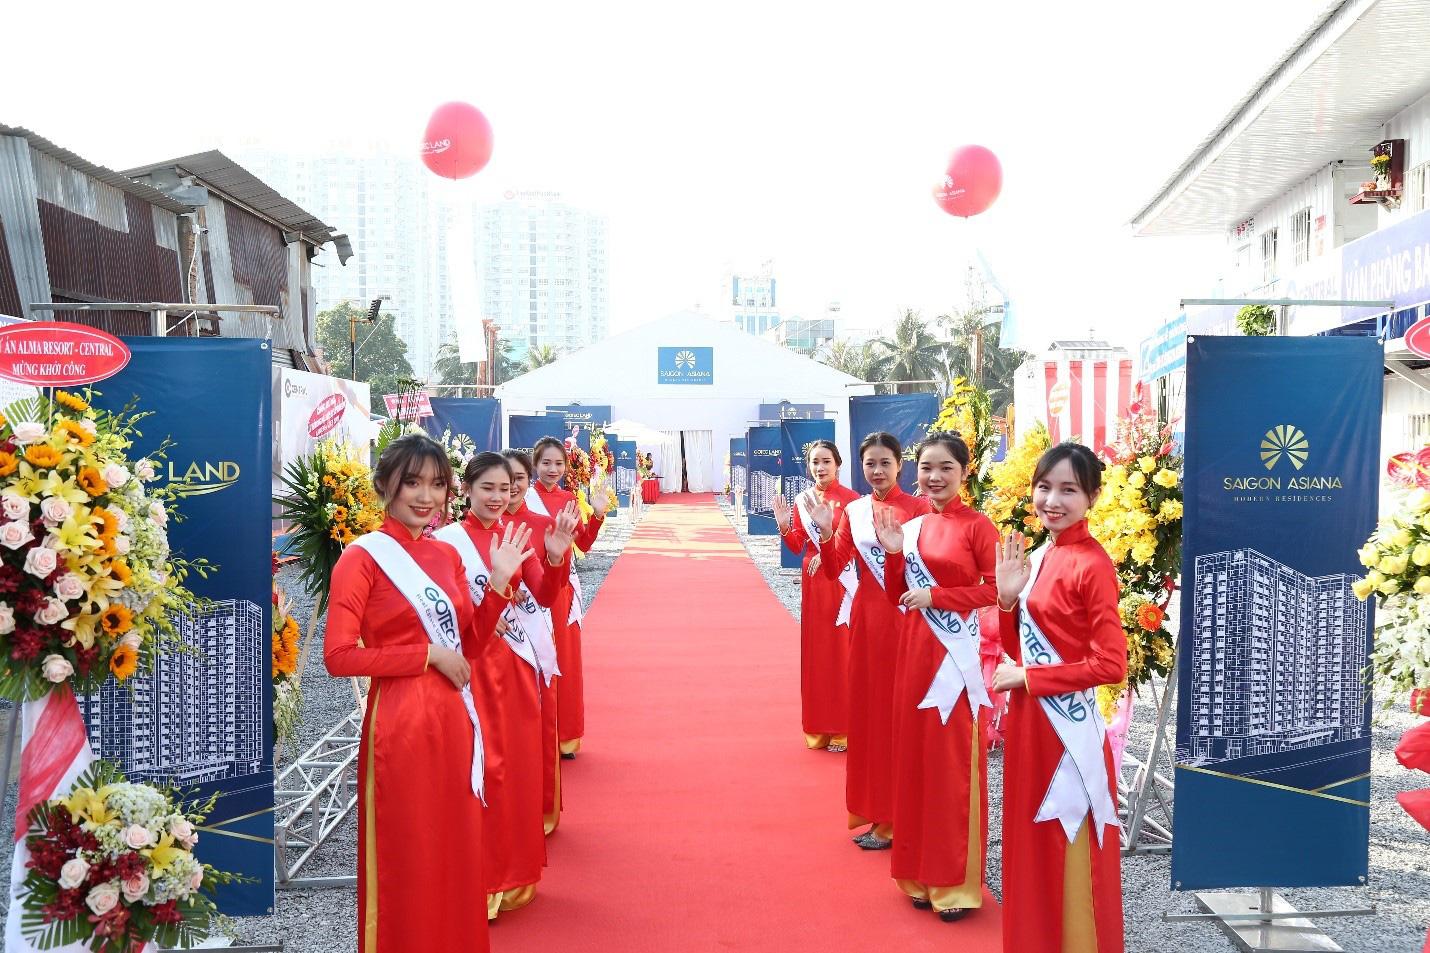 Khởi Công dự án Saigon Asiana –  Không gian Xanh giữa Chợ Lớn - Ảnh 2.